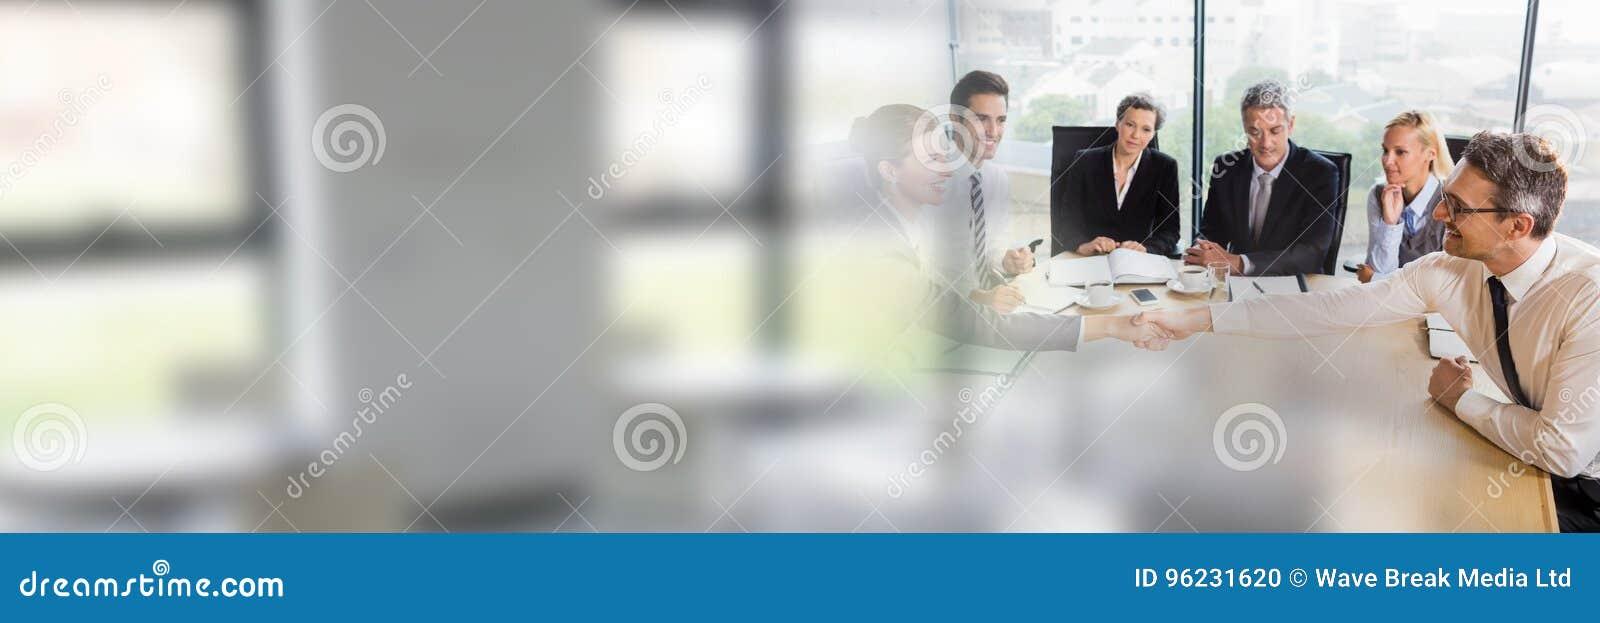 Hombres de negocios que tienen una reunión con efecto de la transición de las ventanas